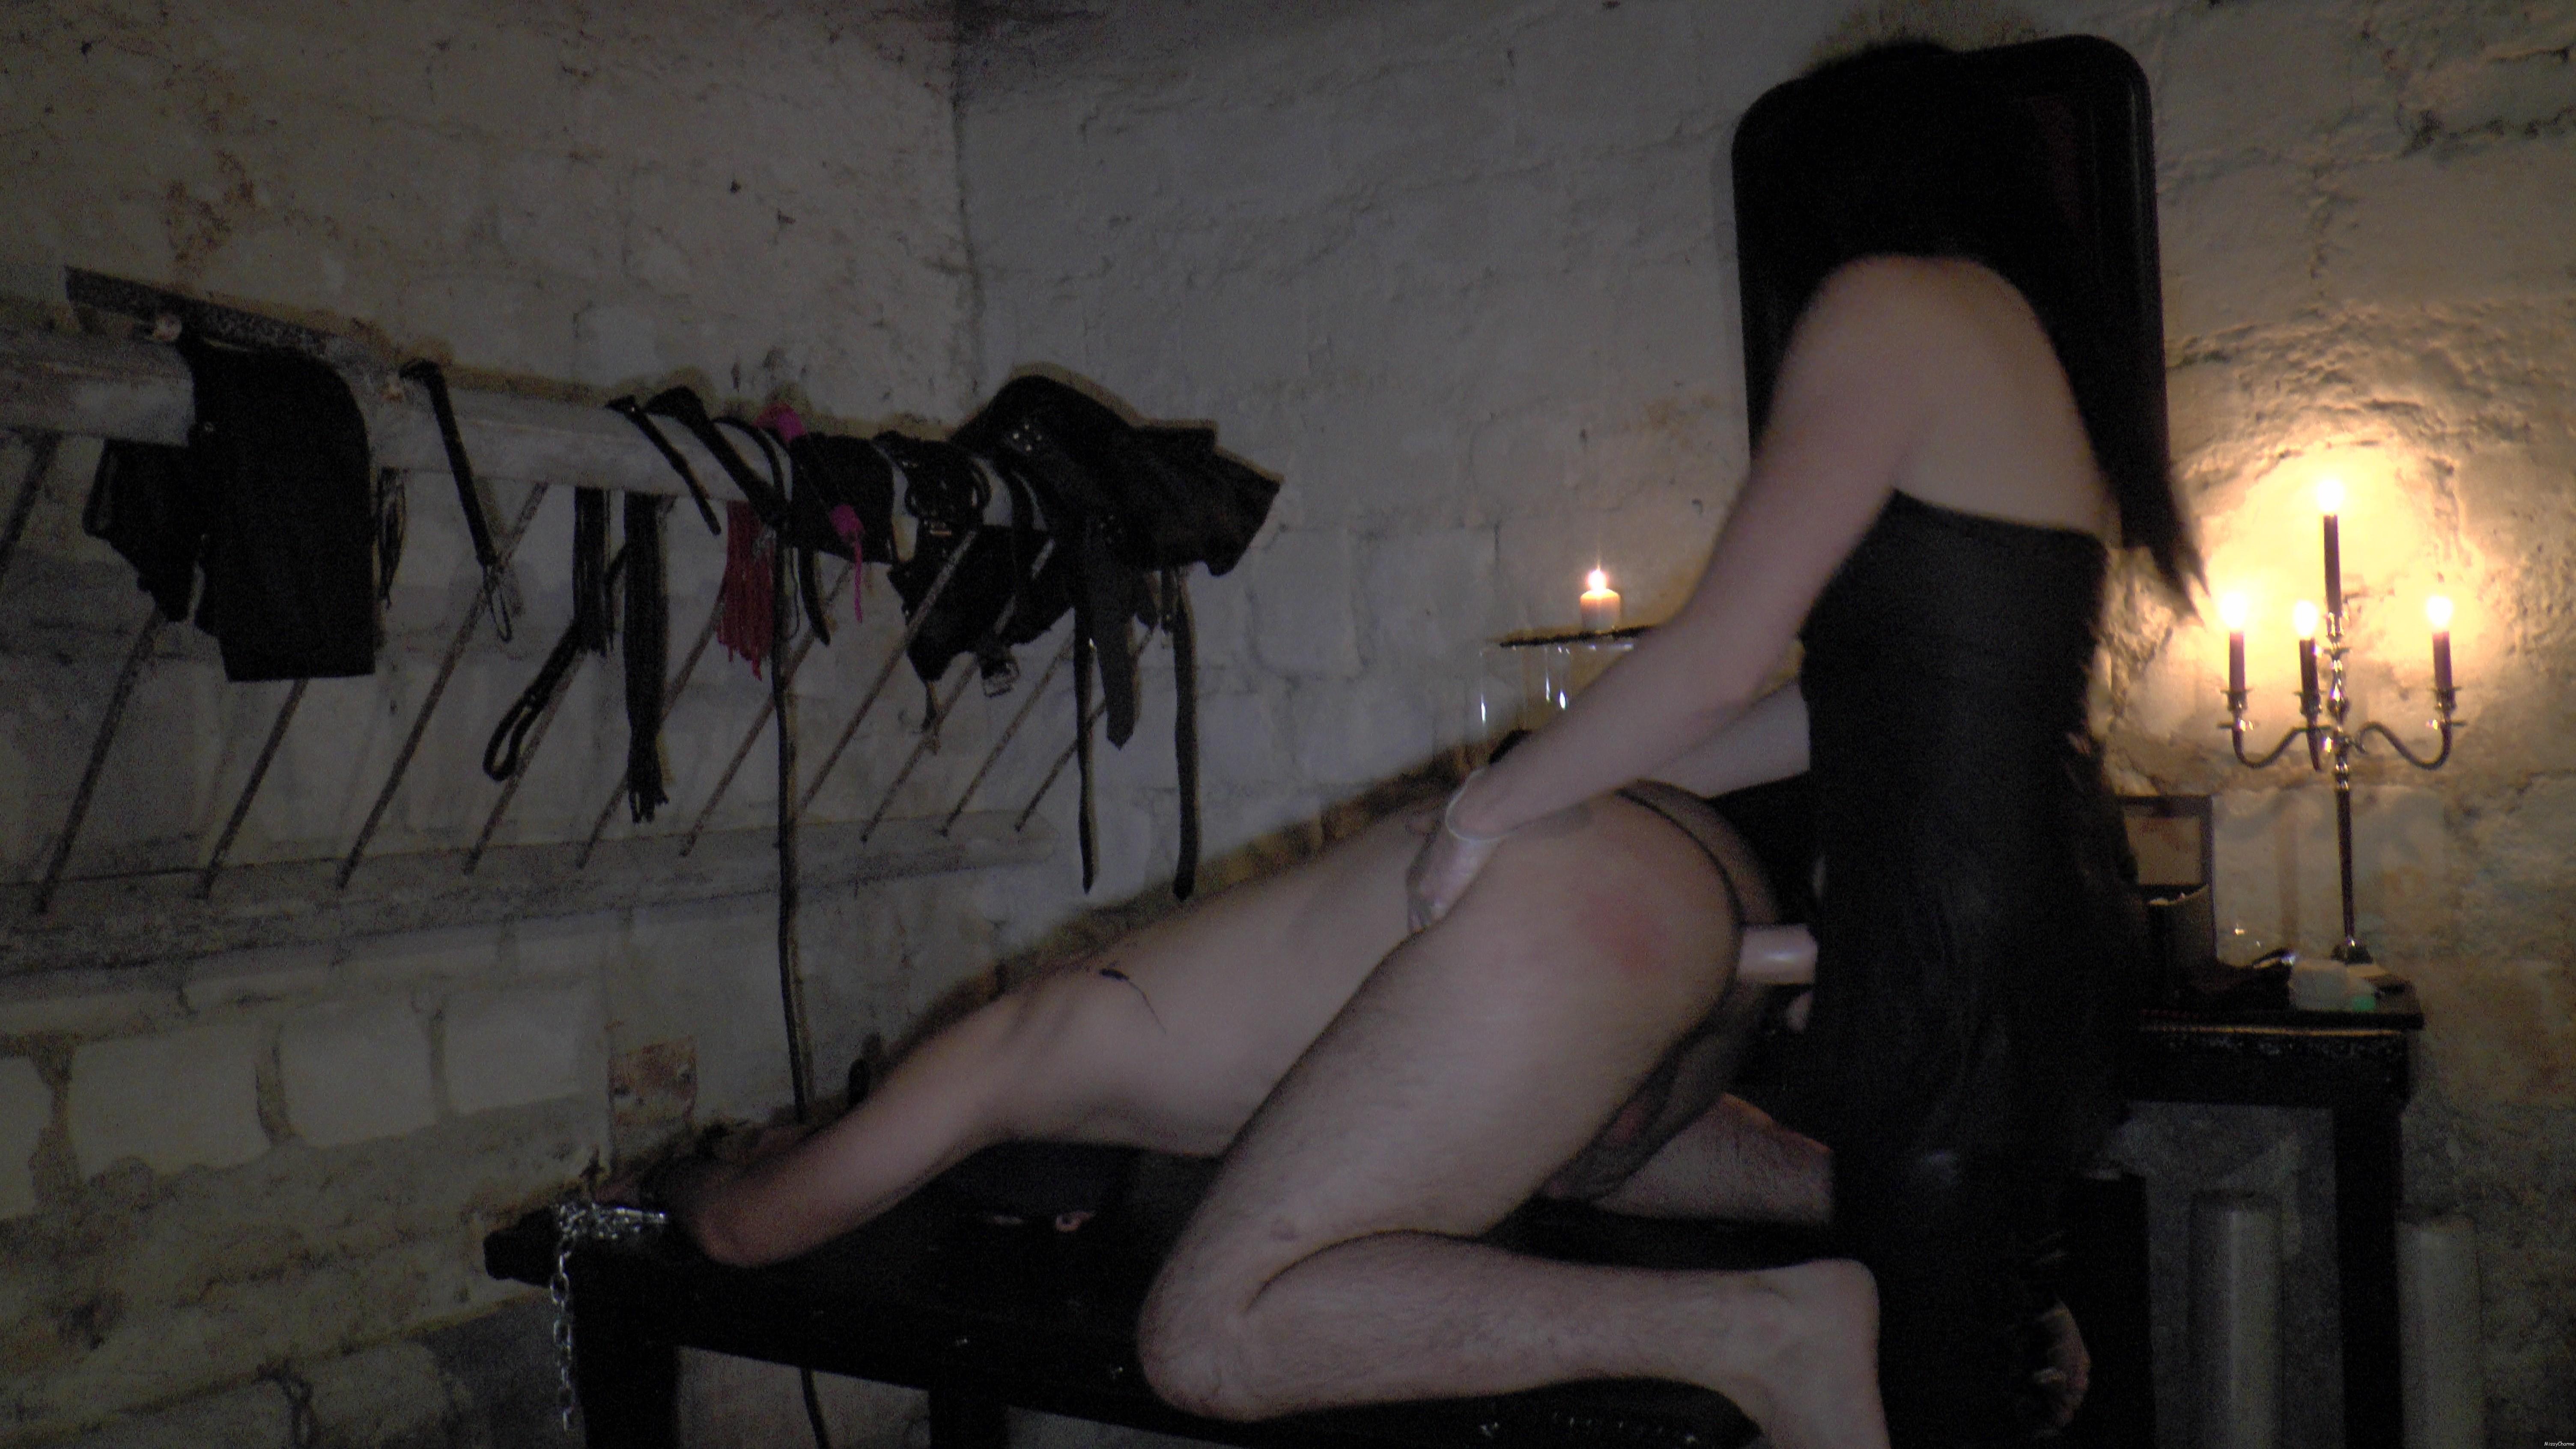 Sexe Anal - Videos Porno Gratuites de Sexe Anal